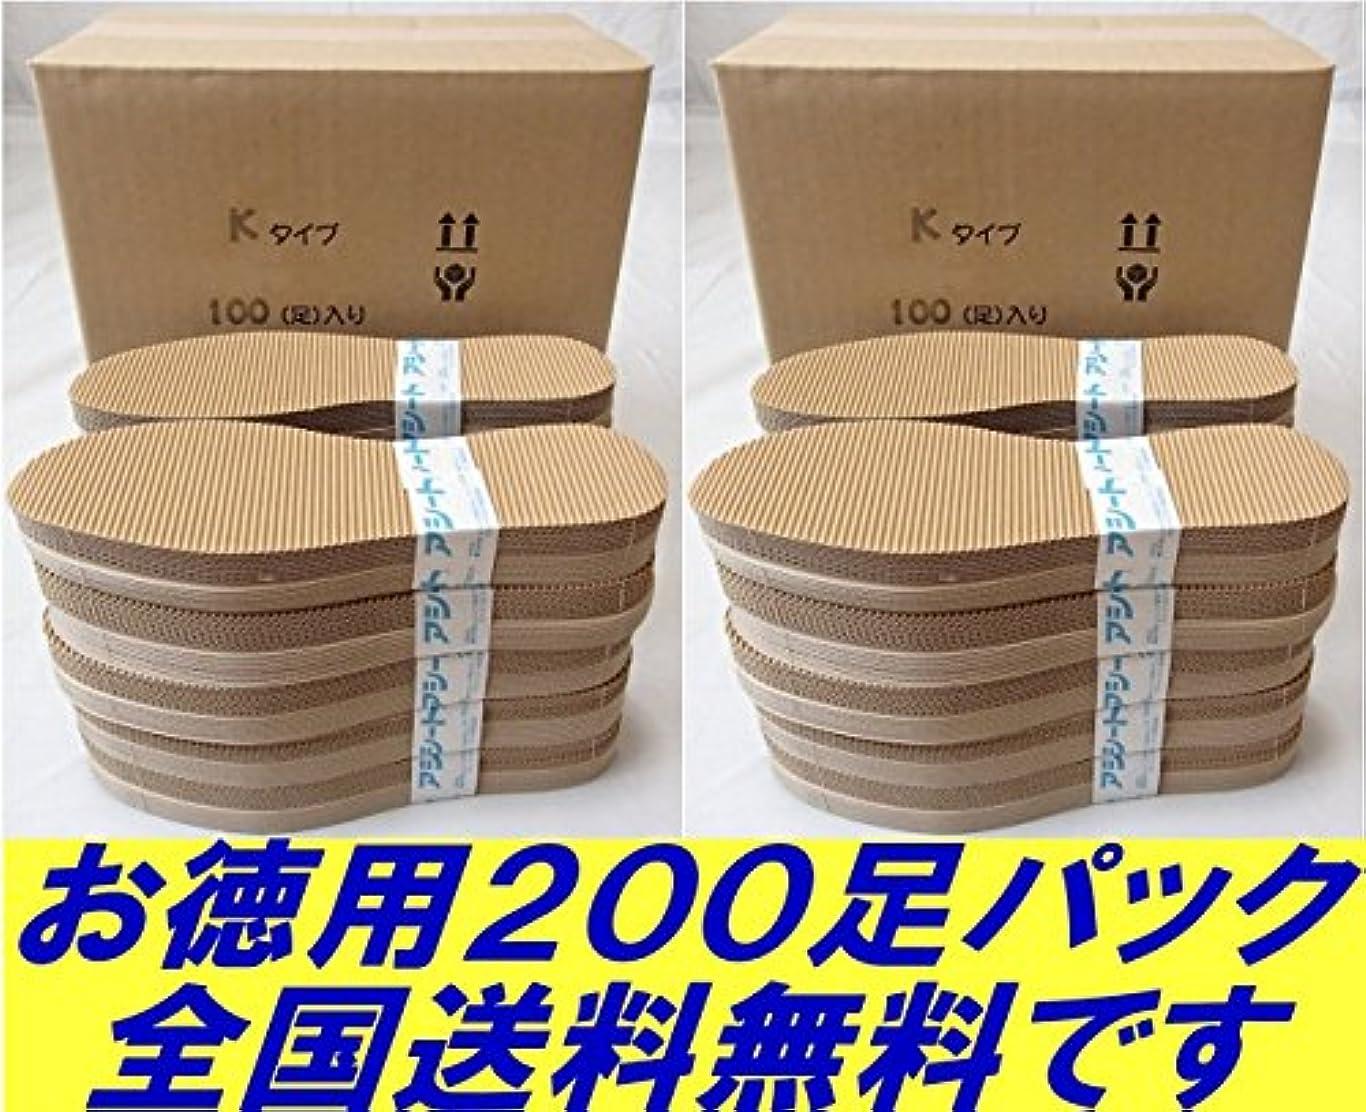 精査魅了するモードリンアシートKタイプお得用パック200足入り (27.5~28.0cm)